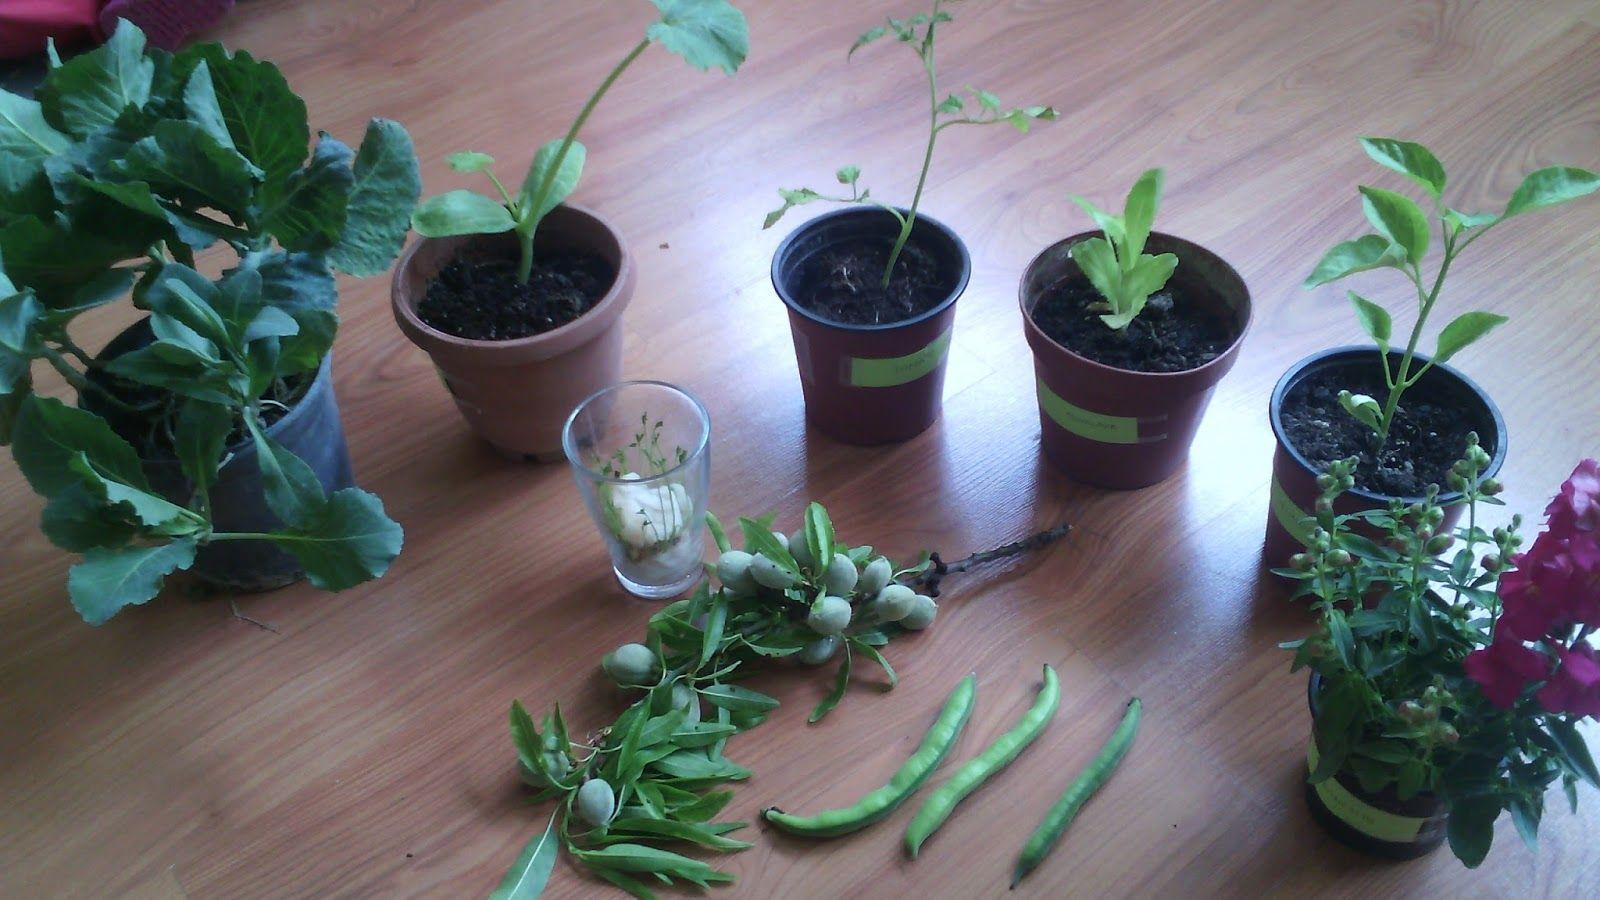 Actividades Para El Primer Ciclo De Educación Infantil Proyecto Las Plantas Actividades Montessori Plantas Huertos Escolares